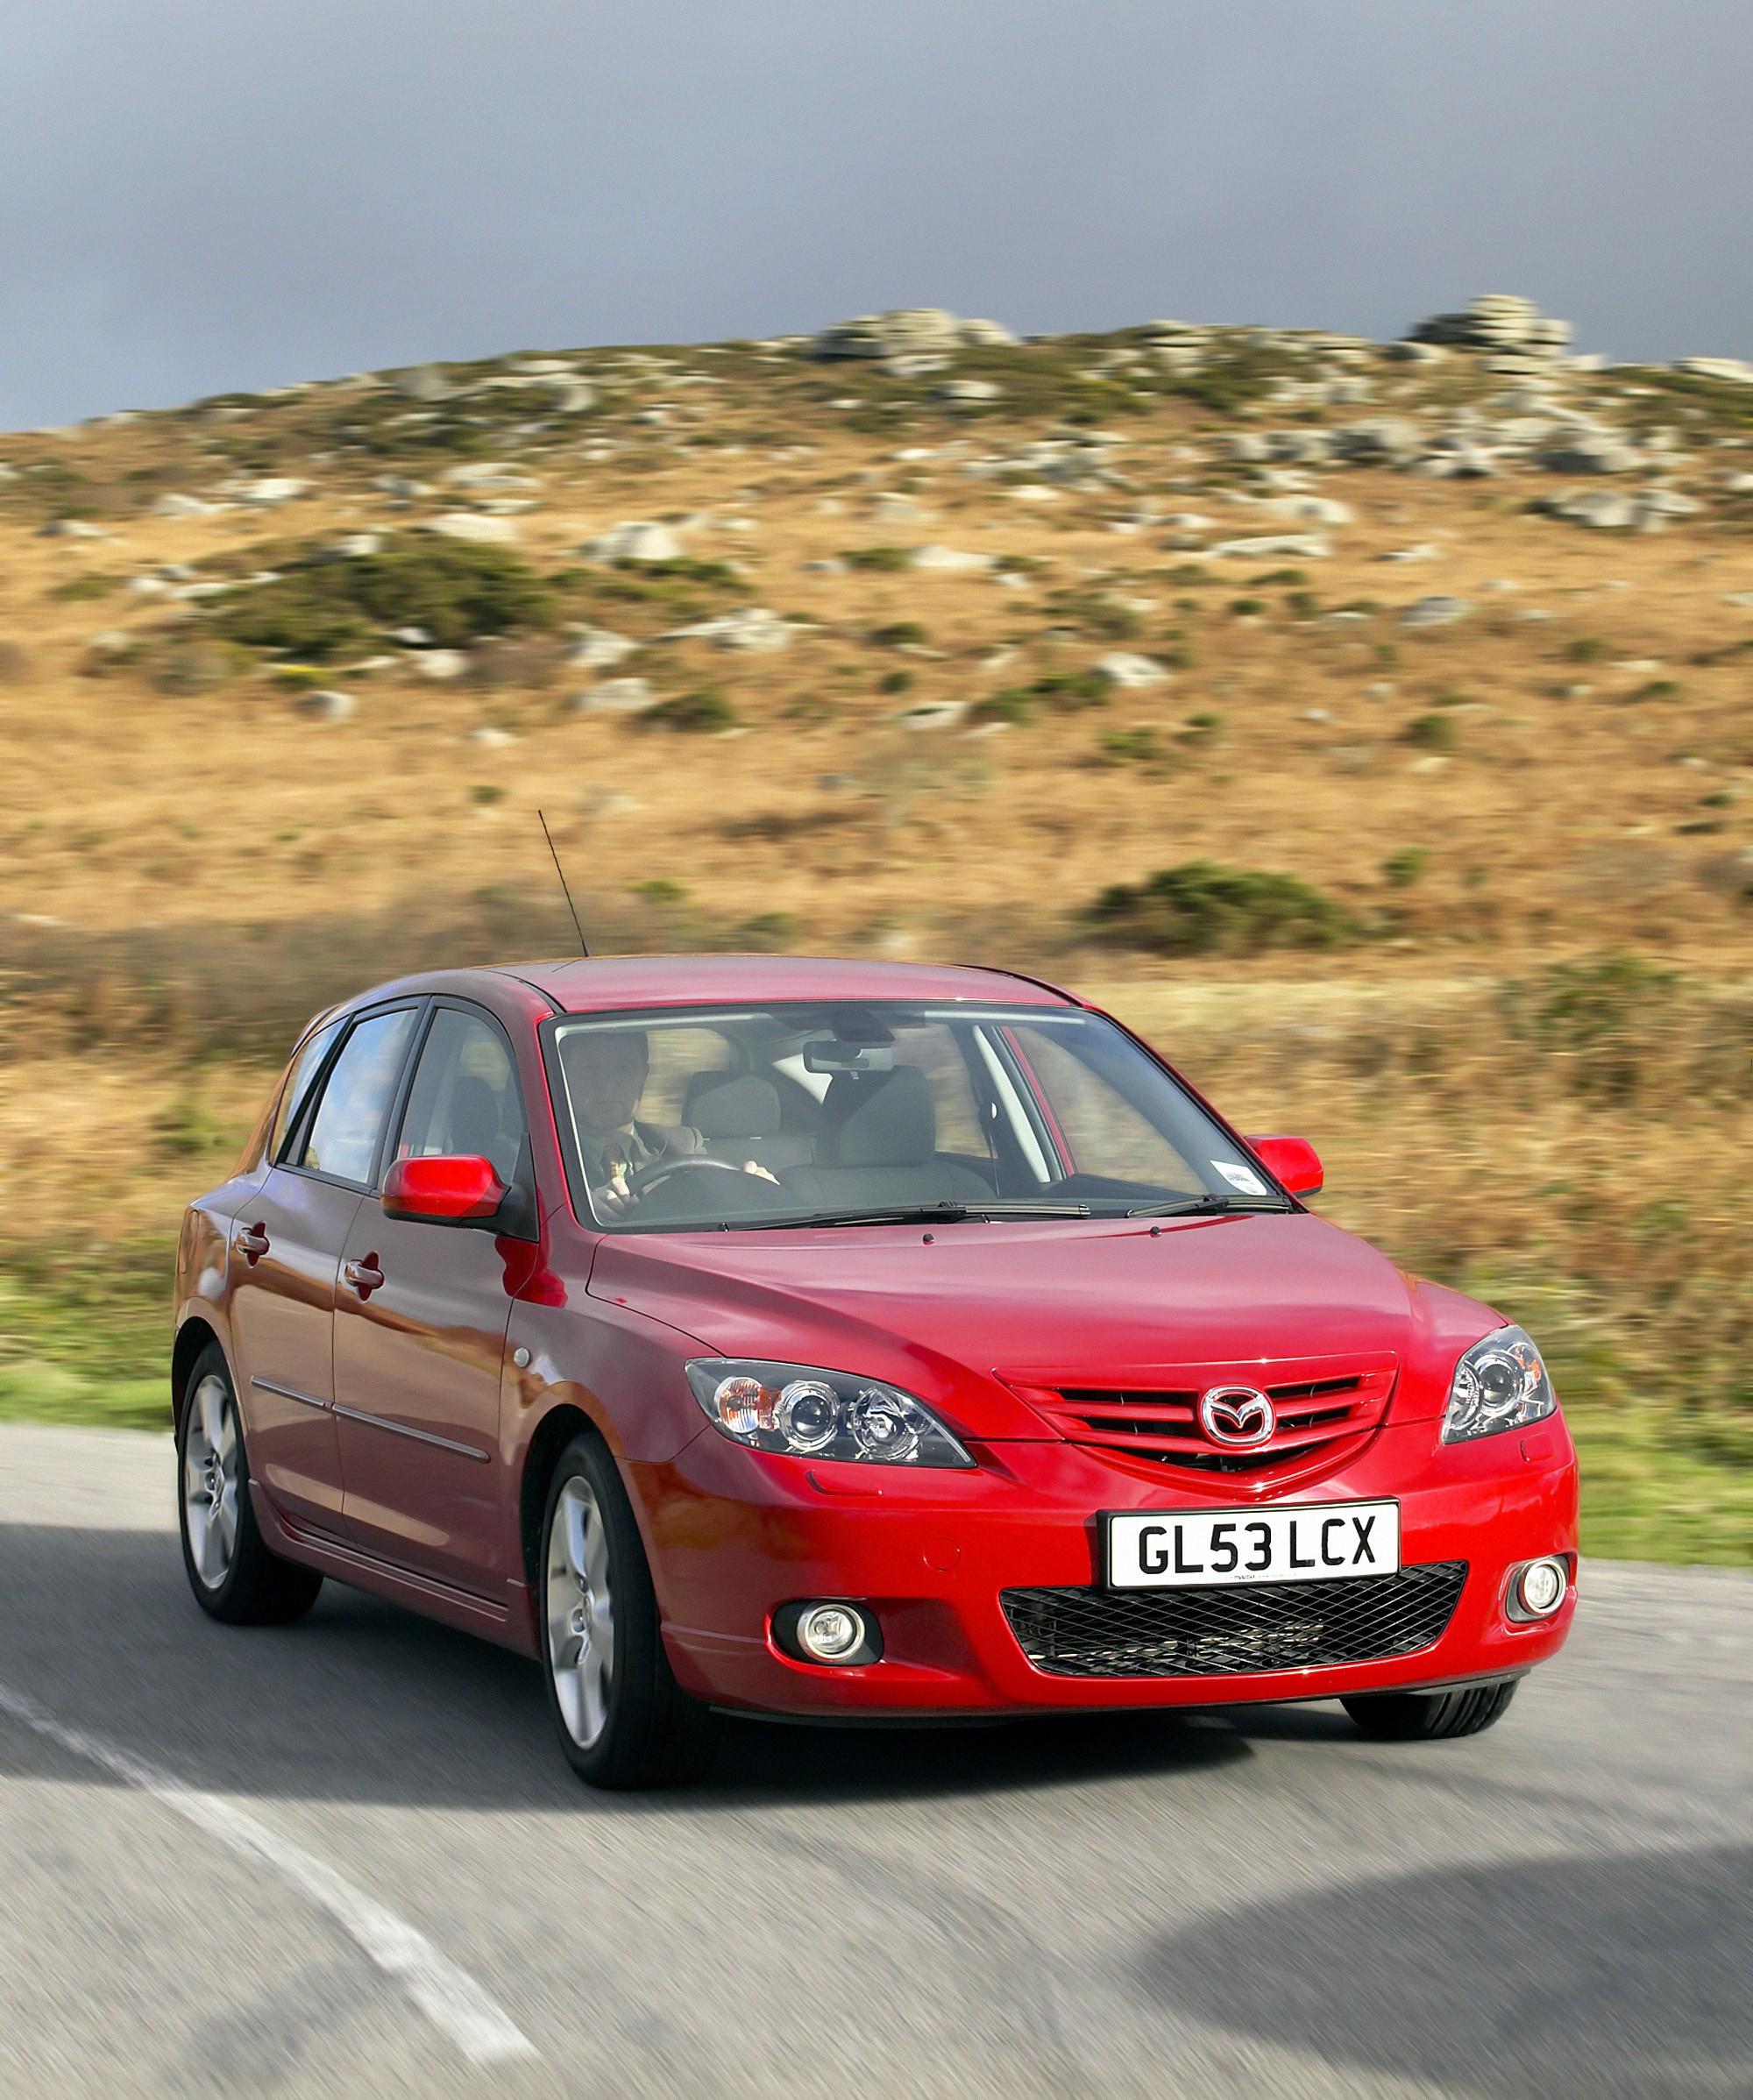 Mazda Auto: 2004, 2005, 2006, 2007, 2008